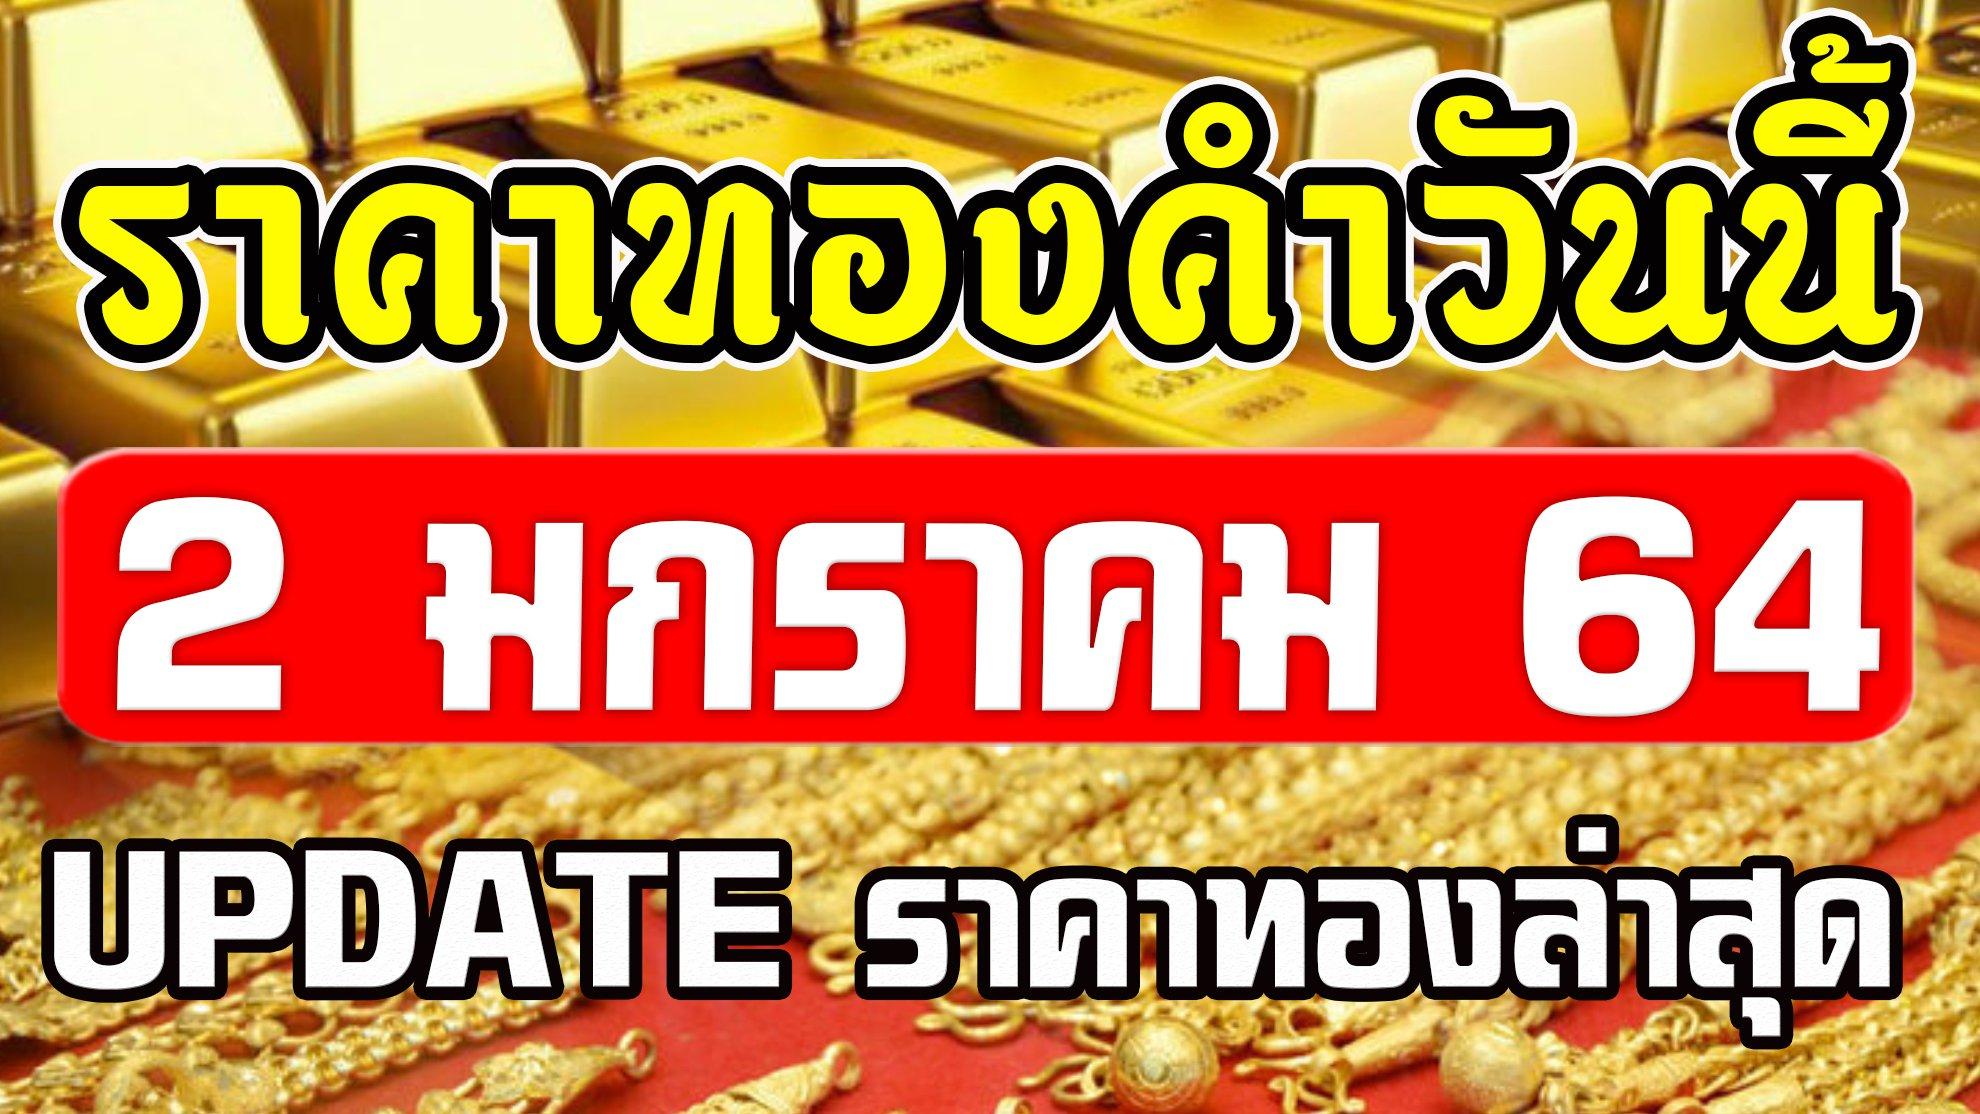 ราคาทองวันนี้ 2/01/64 ราคาทองคำวันนี้ 2มกราคม64 ราคาทองล่าสุด